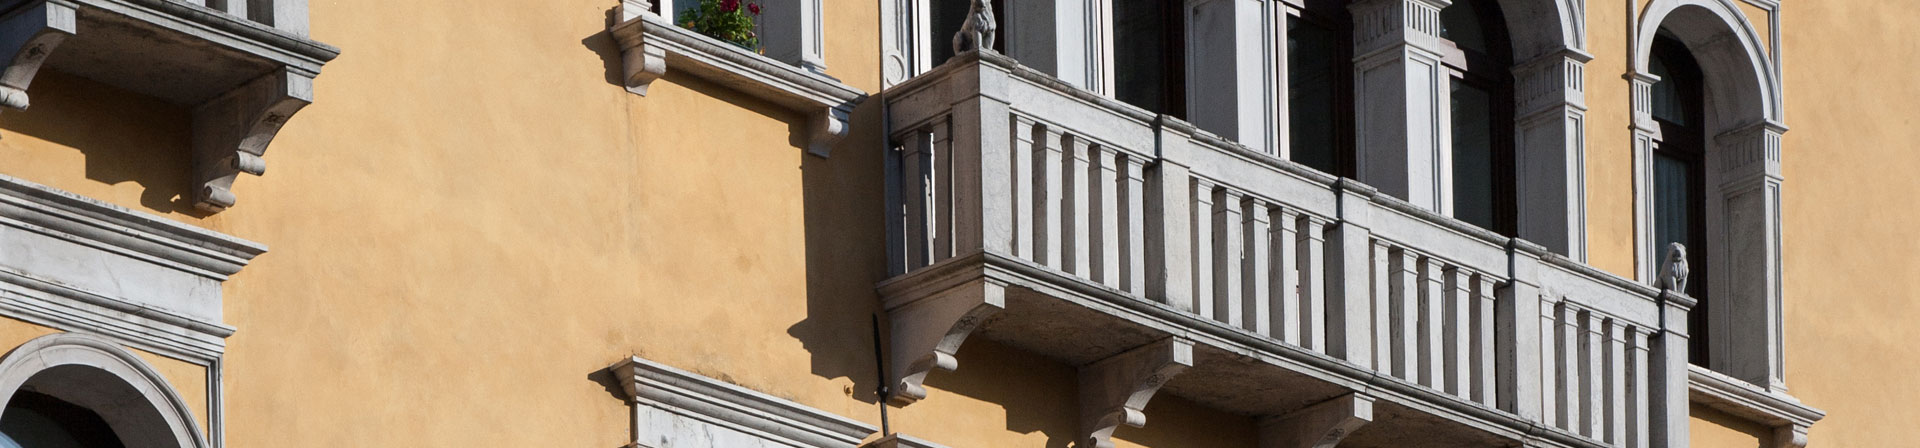 Cosa vedere a Sacile: Palazzo Carli